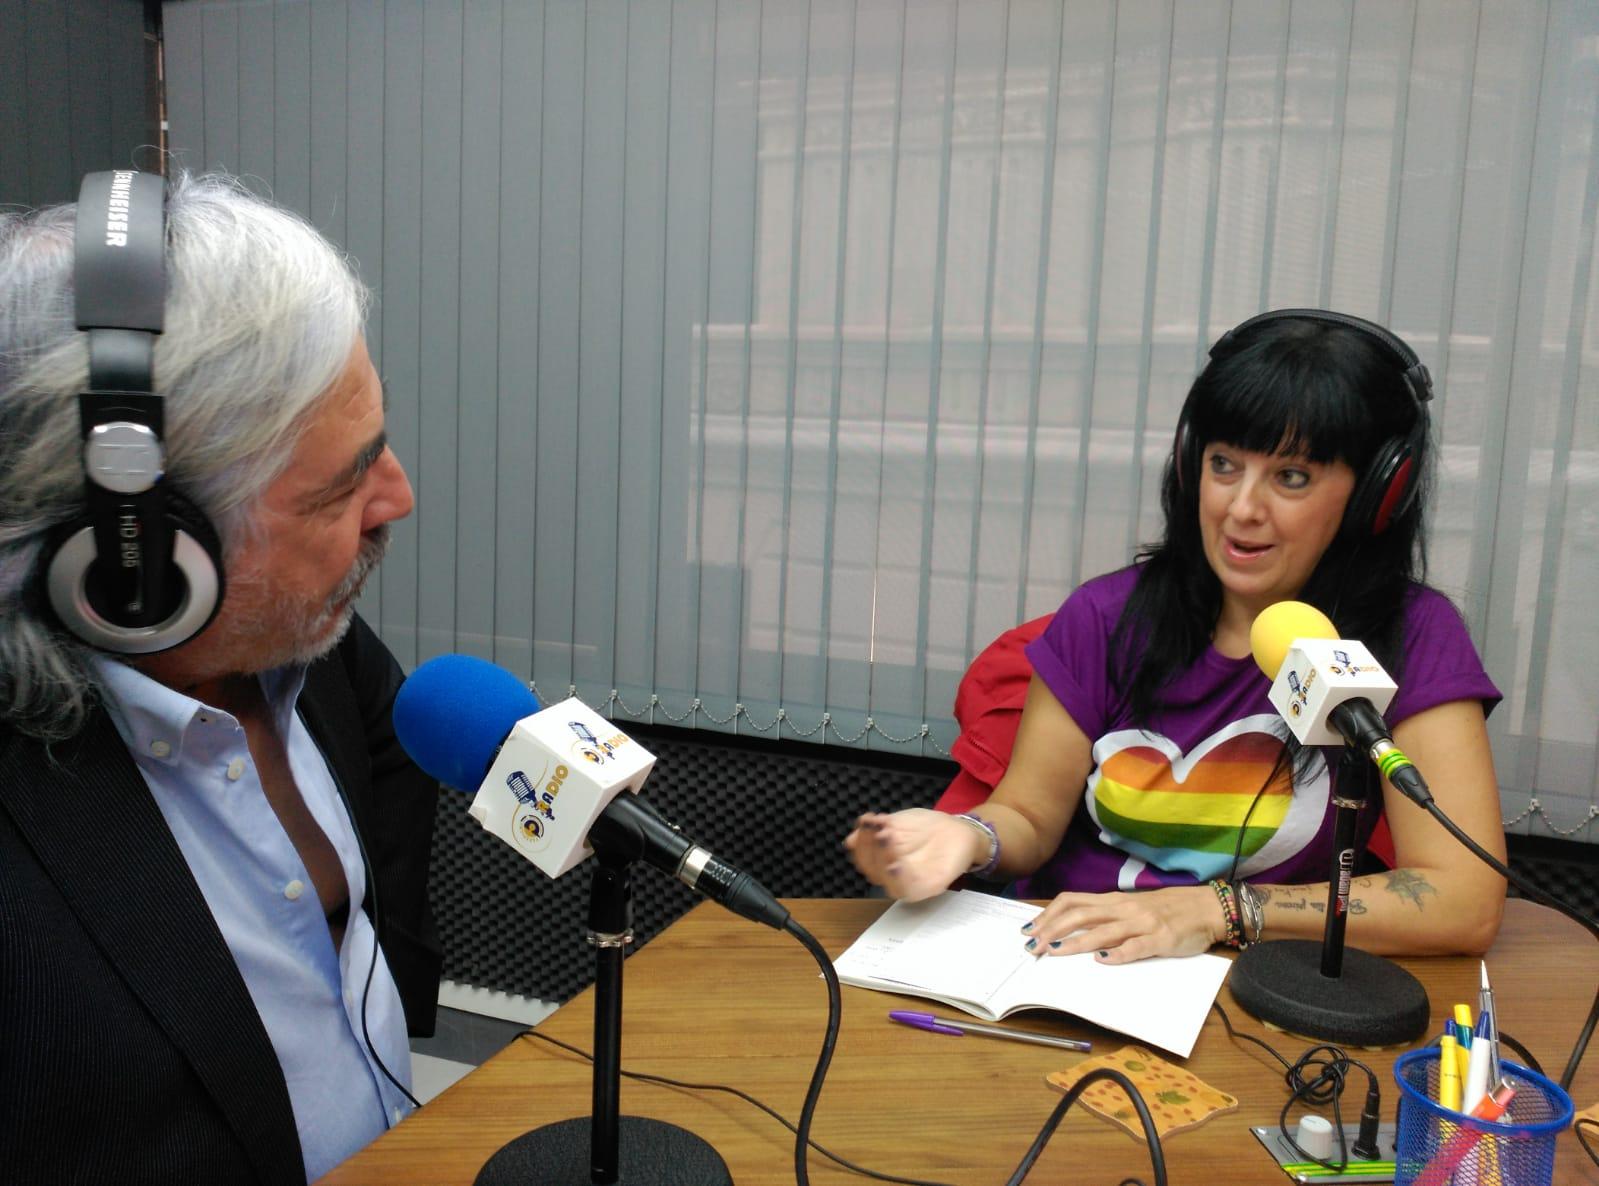 Octavo programa de la 3ª temporada de ¡Qué tal!¿Cómo estamos? Con Álex Castellanos e Inés Fontiveros